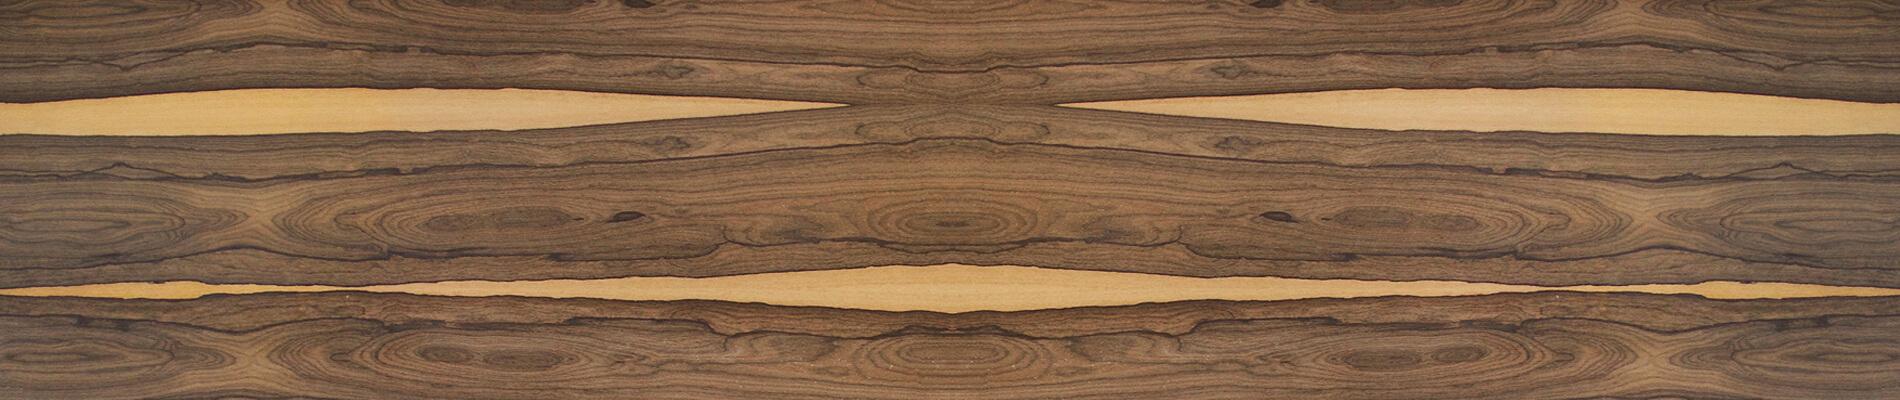 quel bois choisir pour mes meubles bijoux couteaux et objets marquet s. Black Bedroom Furniture Sets. Home Design Ideas